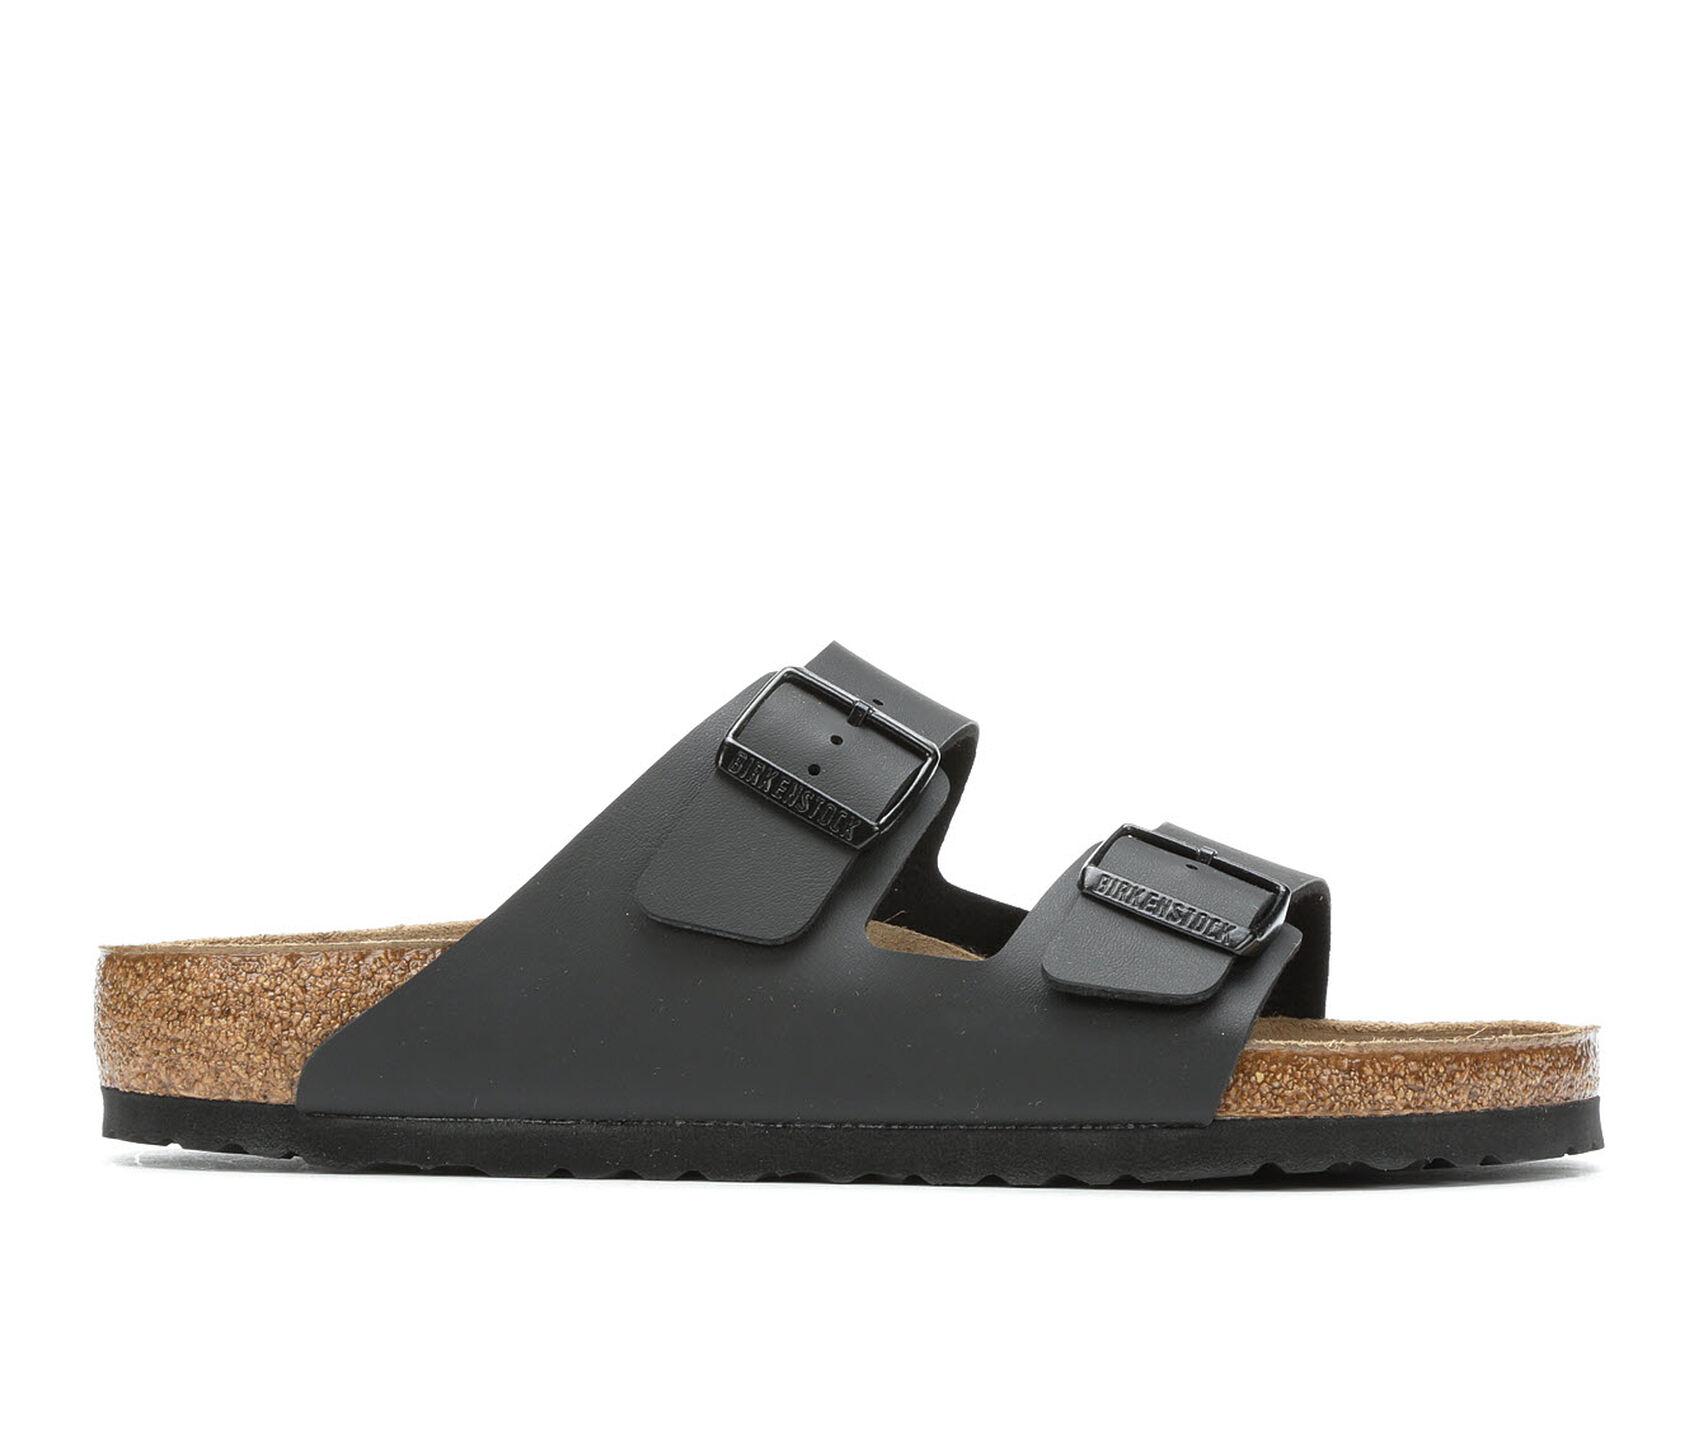 d0f911ed0981 ... Birkenstock Arizona Footbed Sandals. Previous